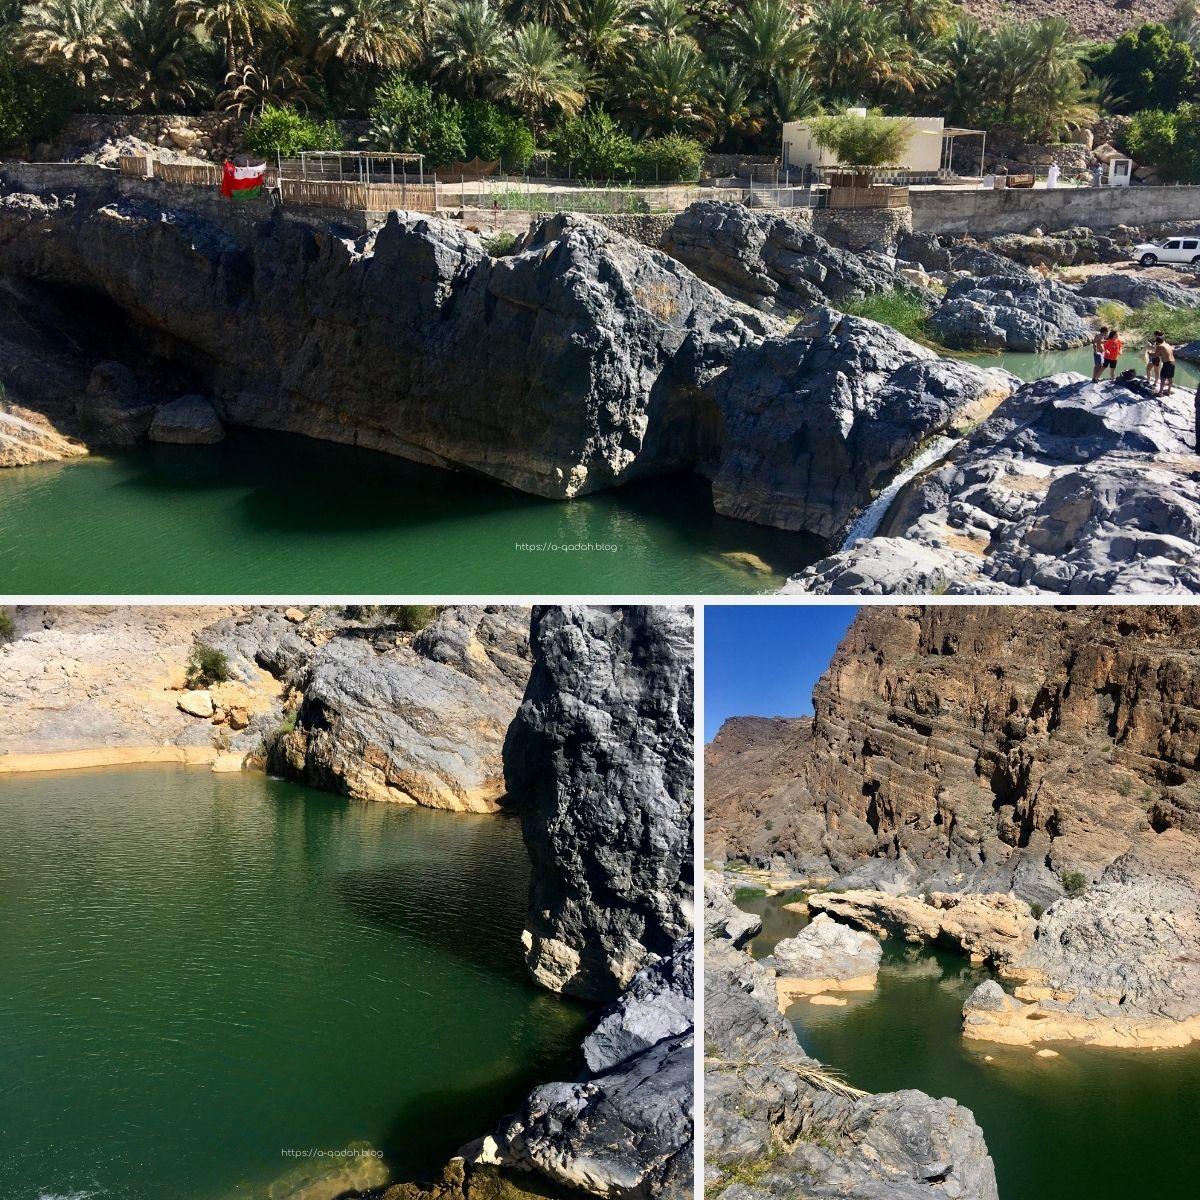 وادي العربيين سلطنة عمان Wadi Al Arabeeen